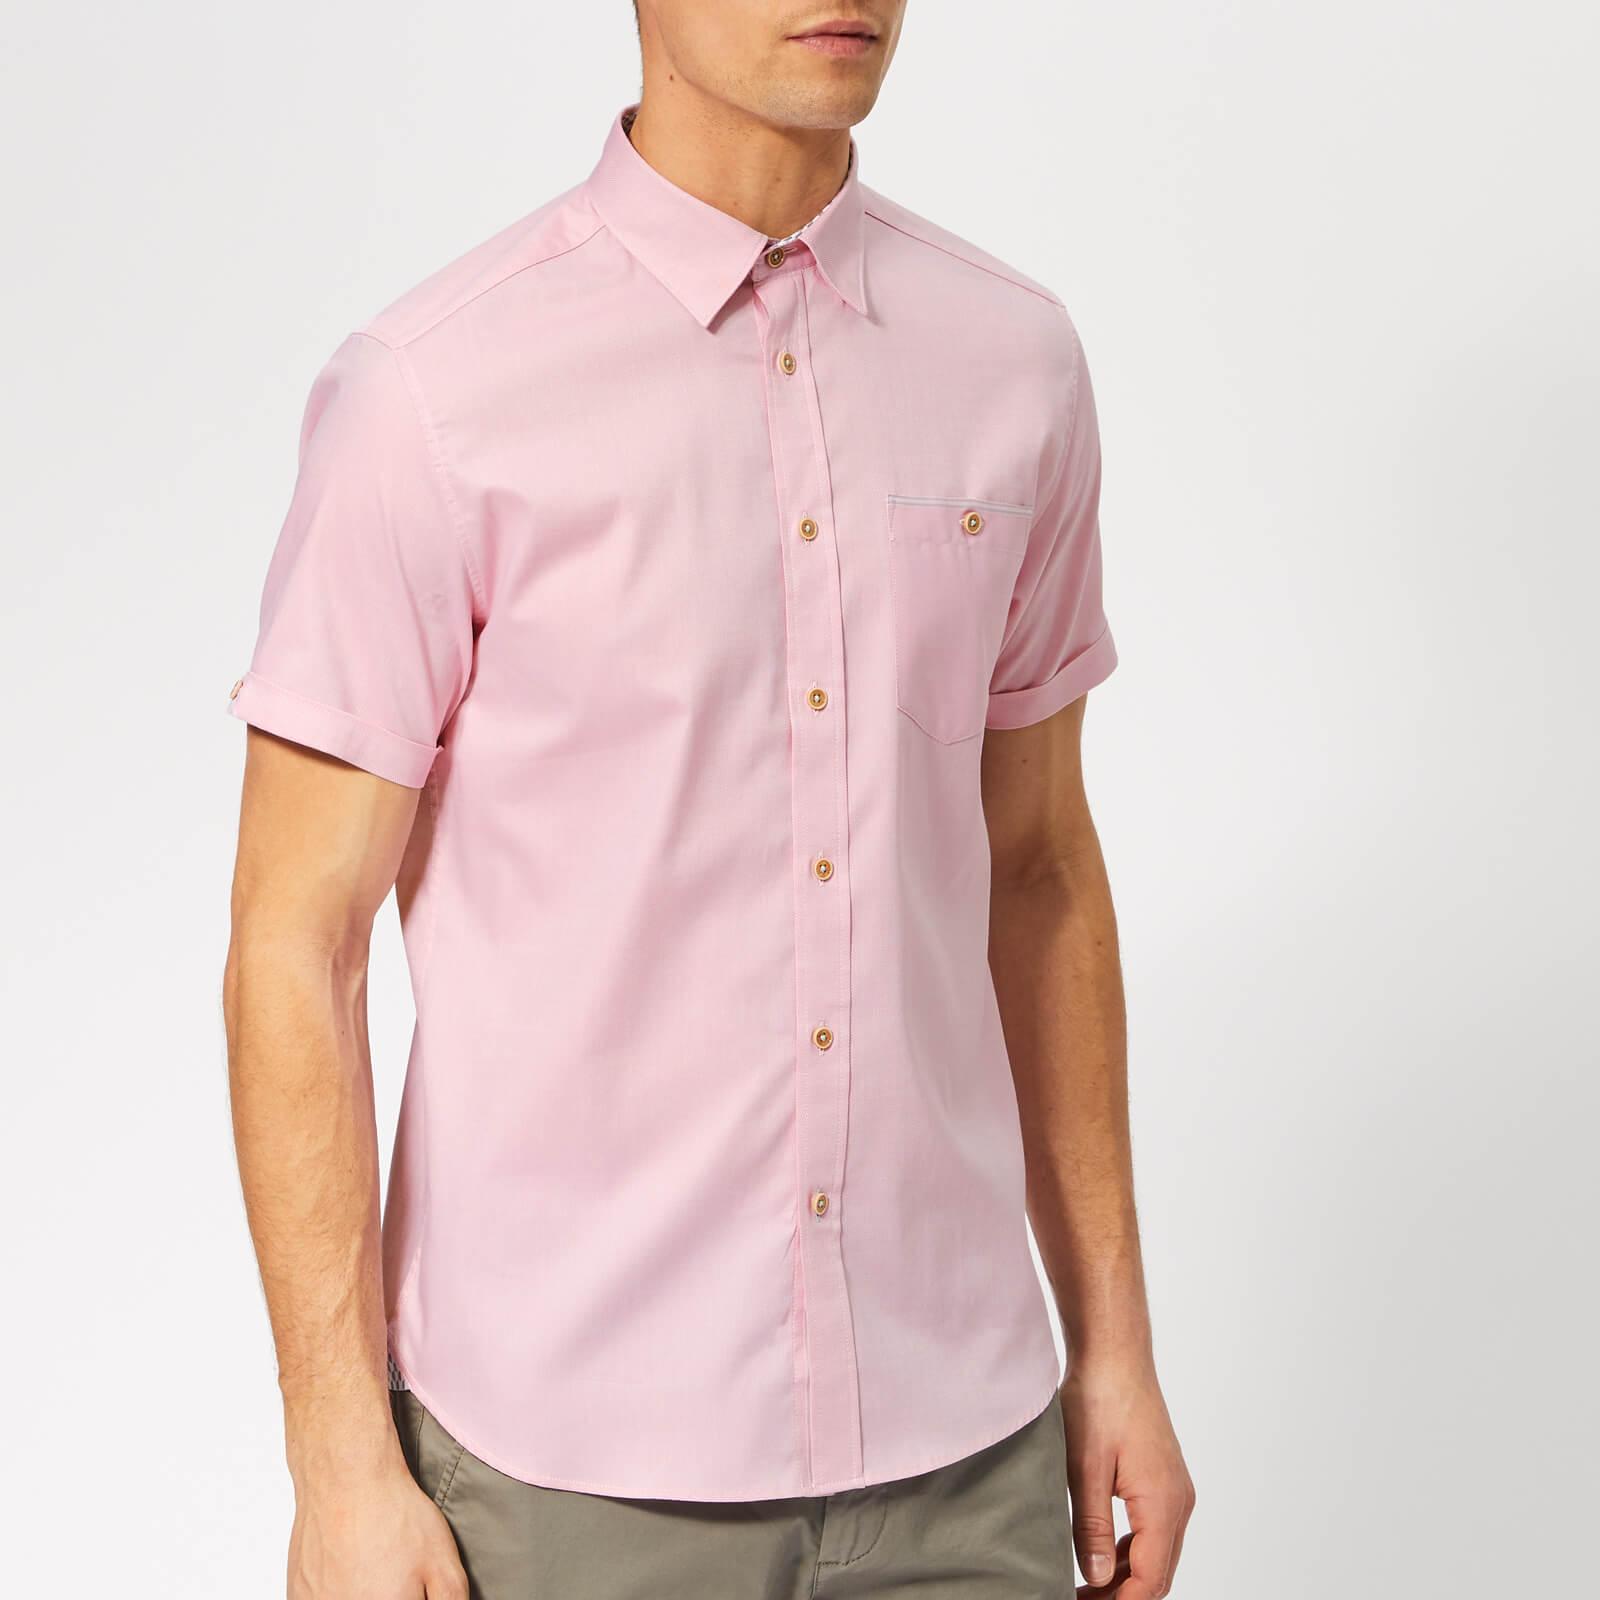 Ted Baker Men's Wallabi Short Sleeve Shirt - Pink - 4/L - Pink